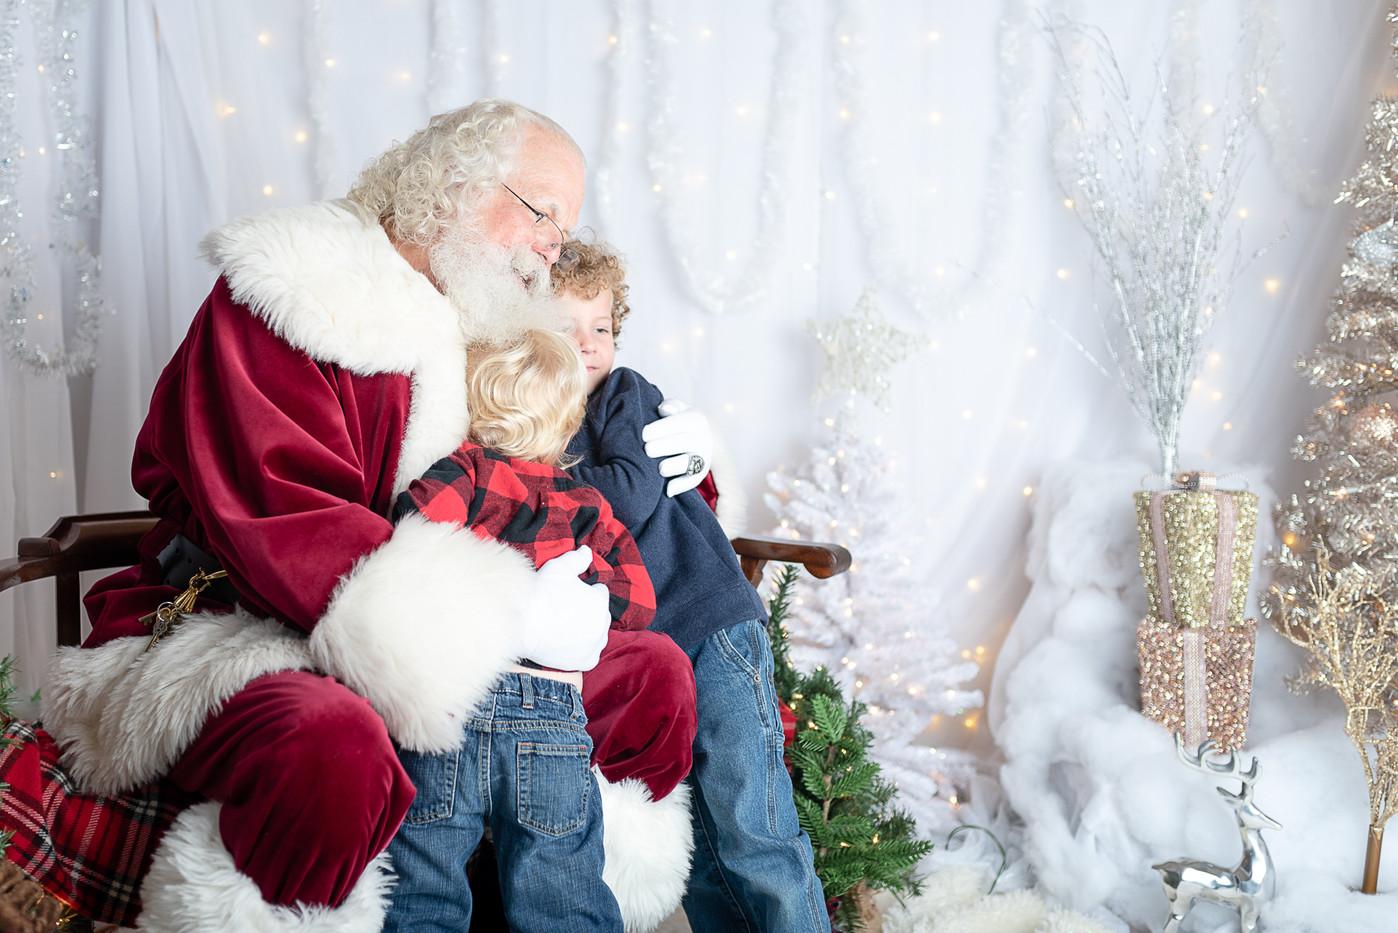 Santas hug.jpg